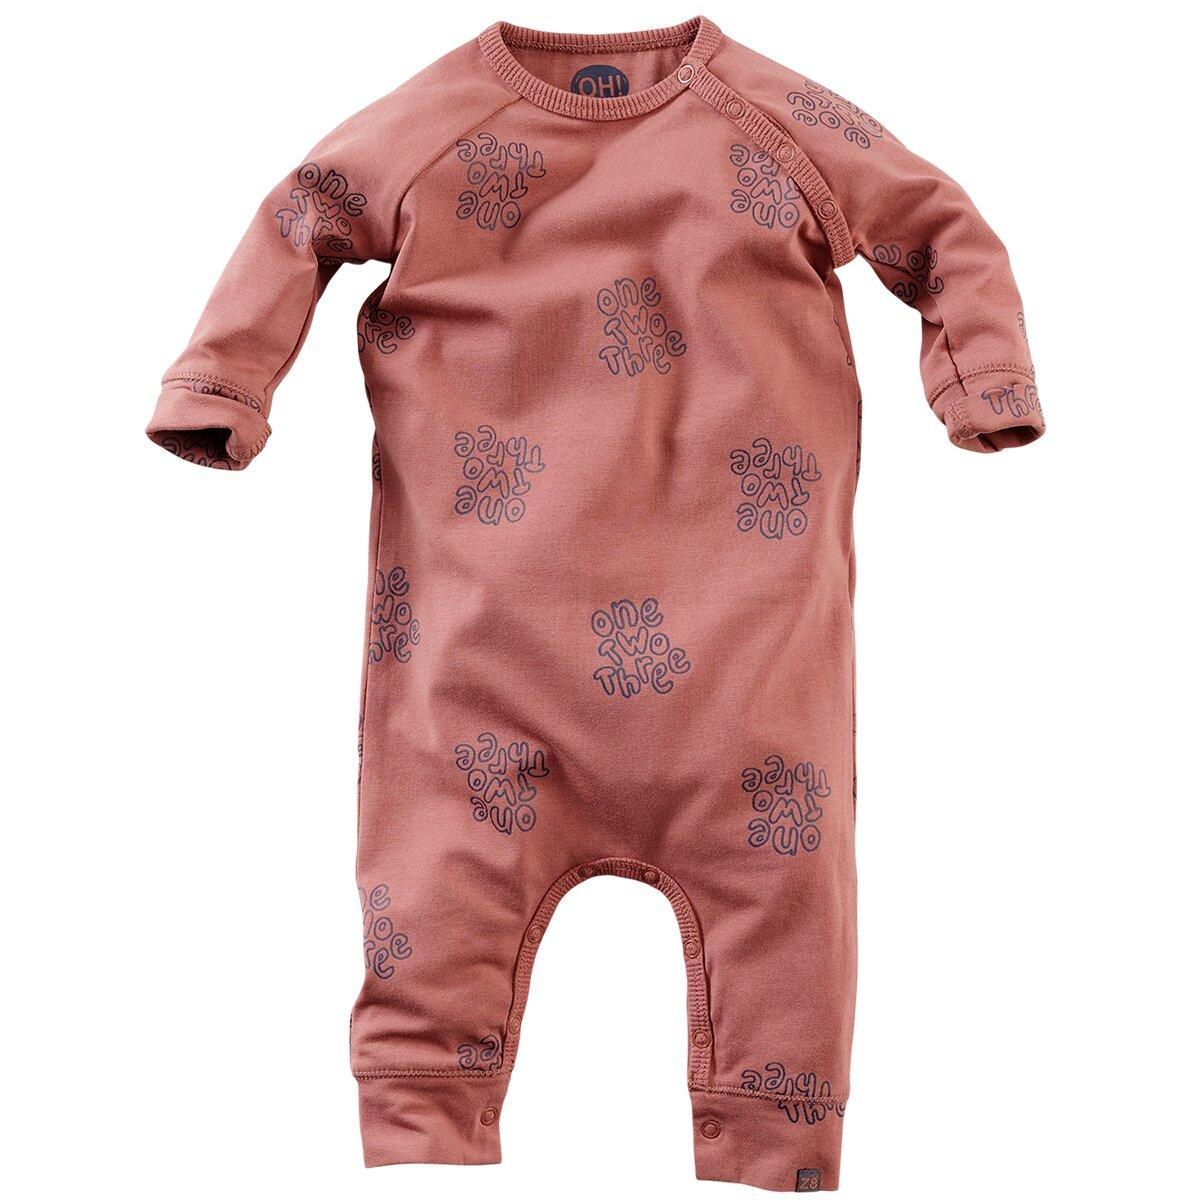 z8-newborn-w210046borneo